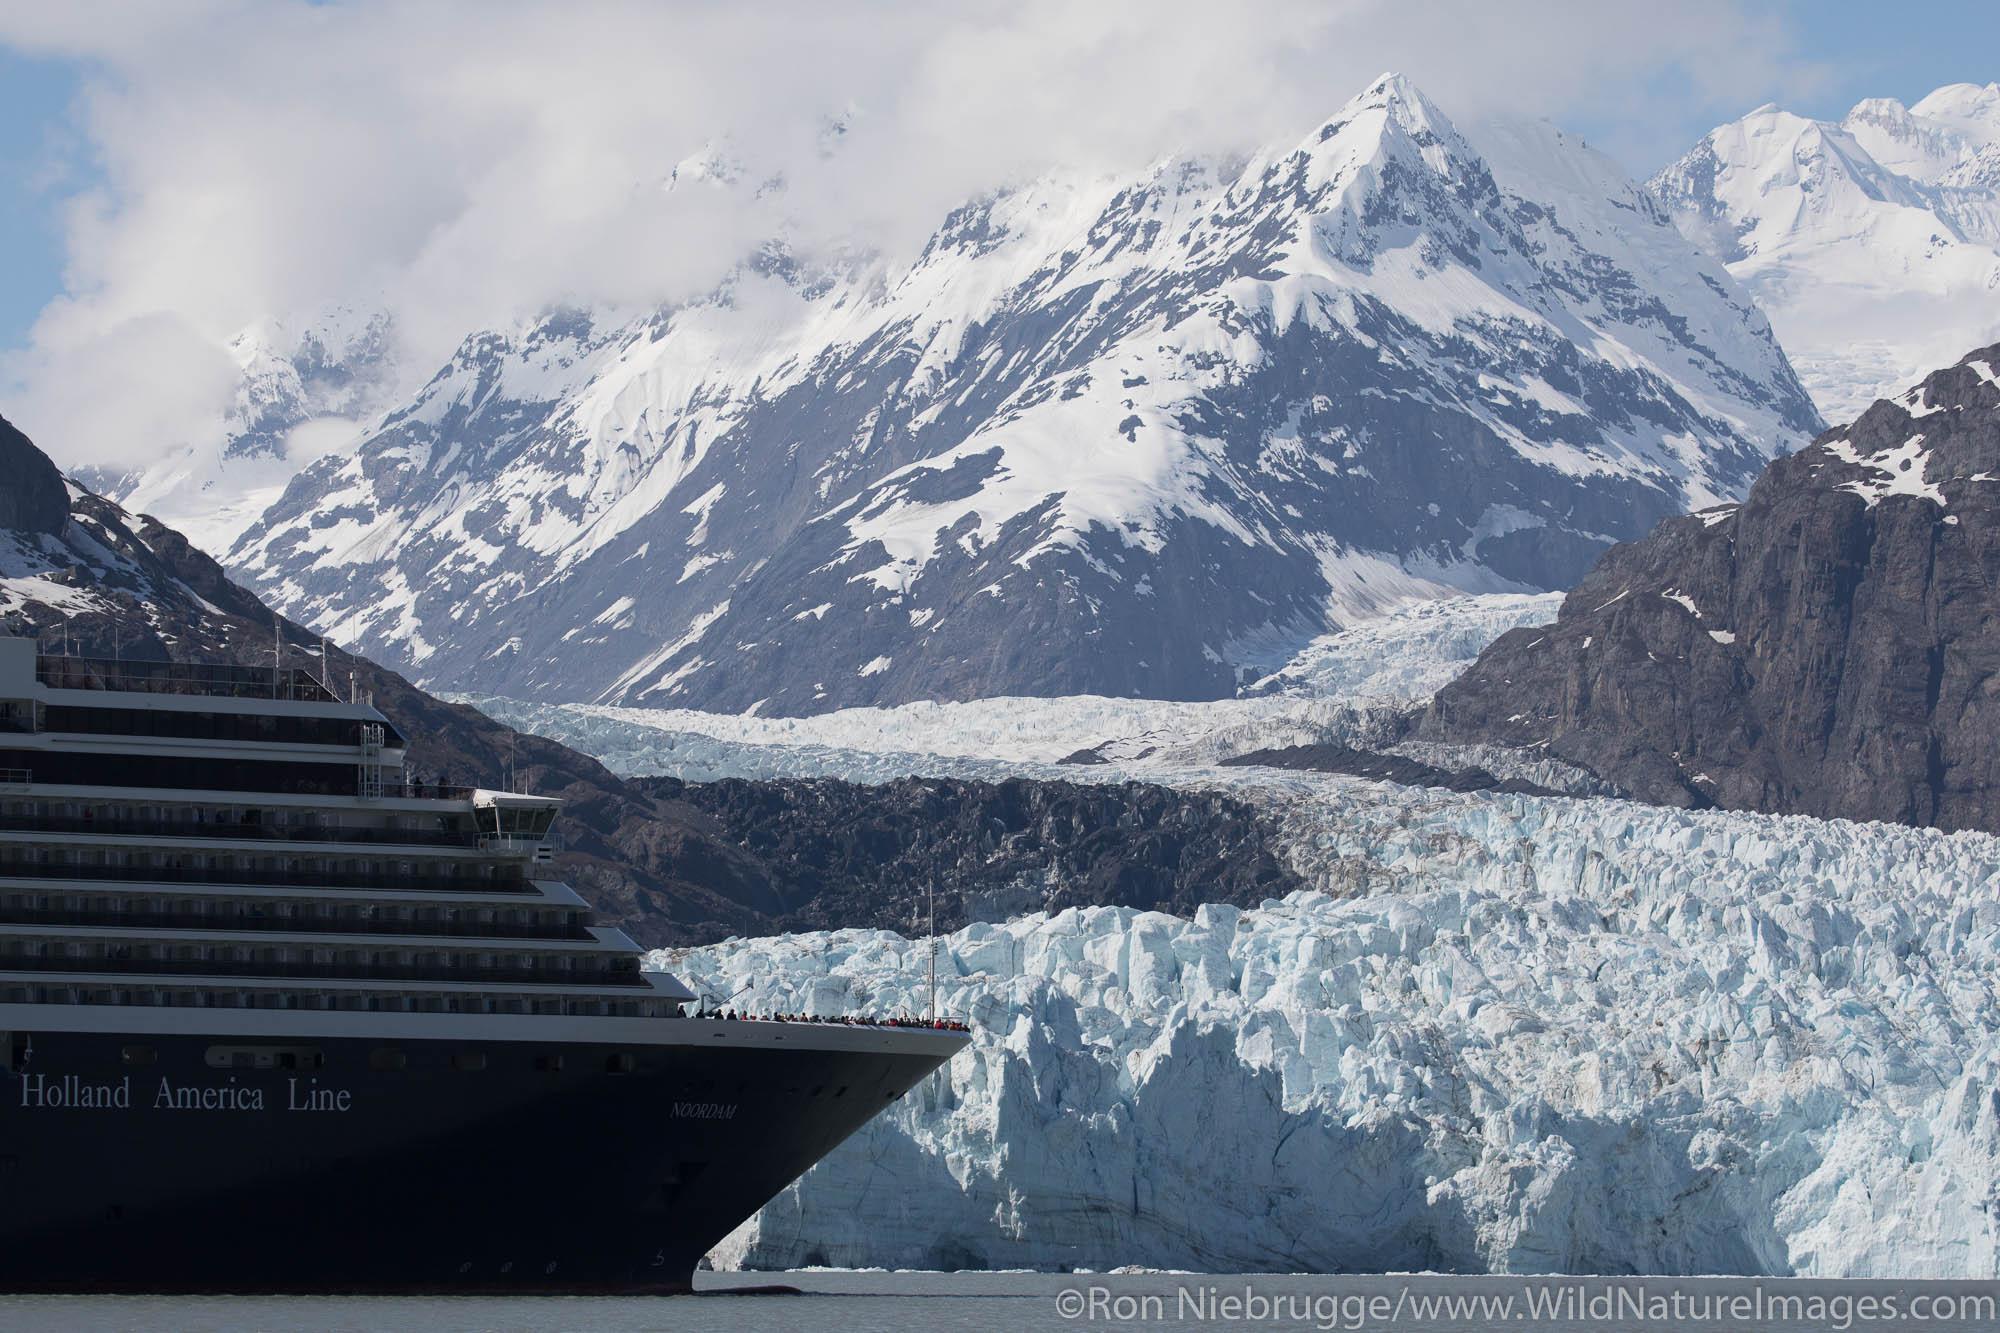 Cruise ship in front of Margerie Glacier, Glacier Bay National Park, Alaska.